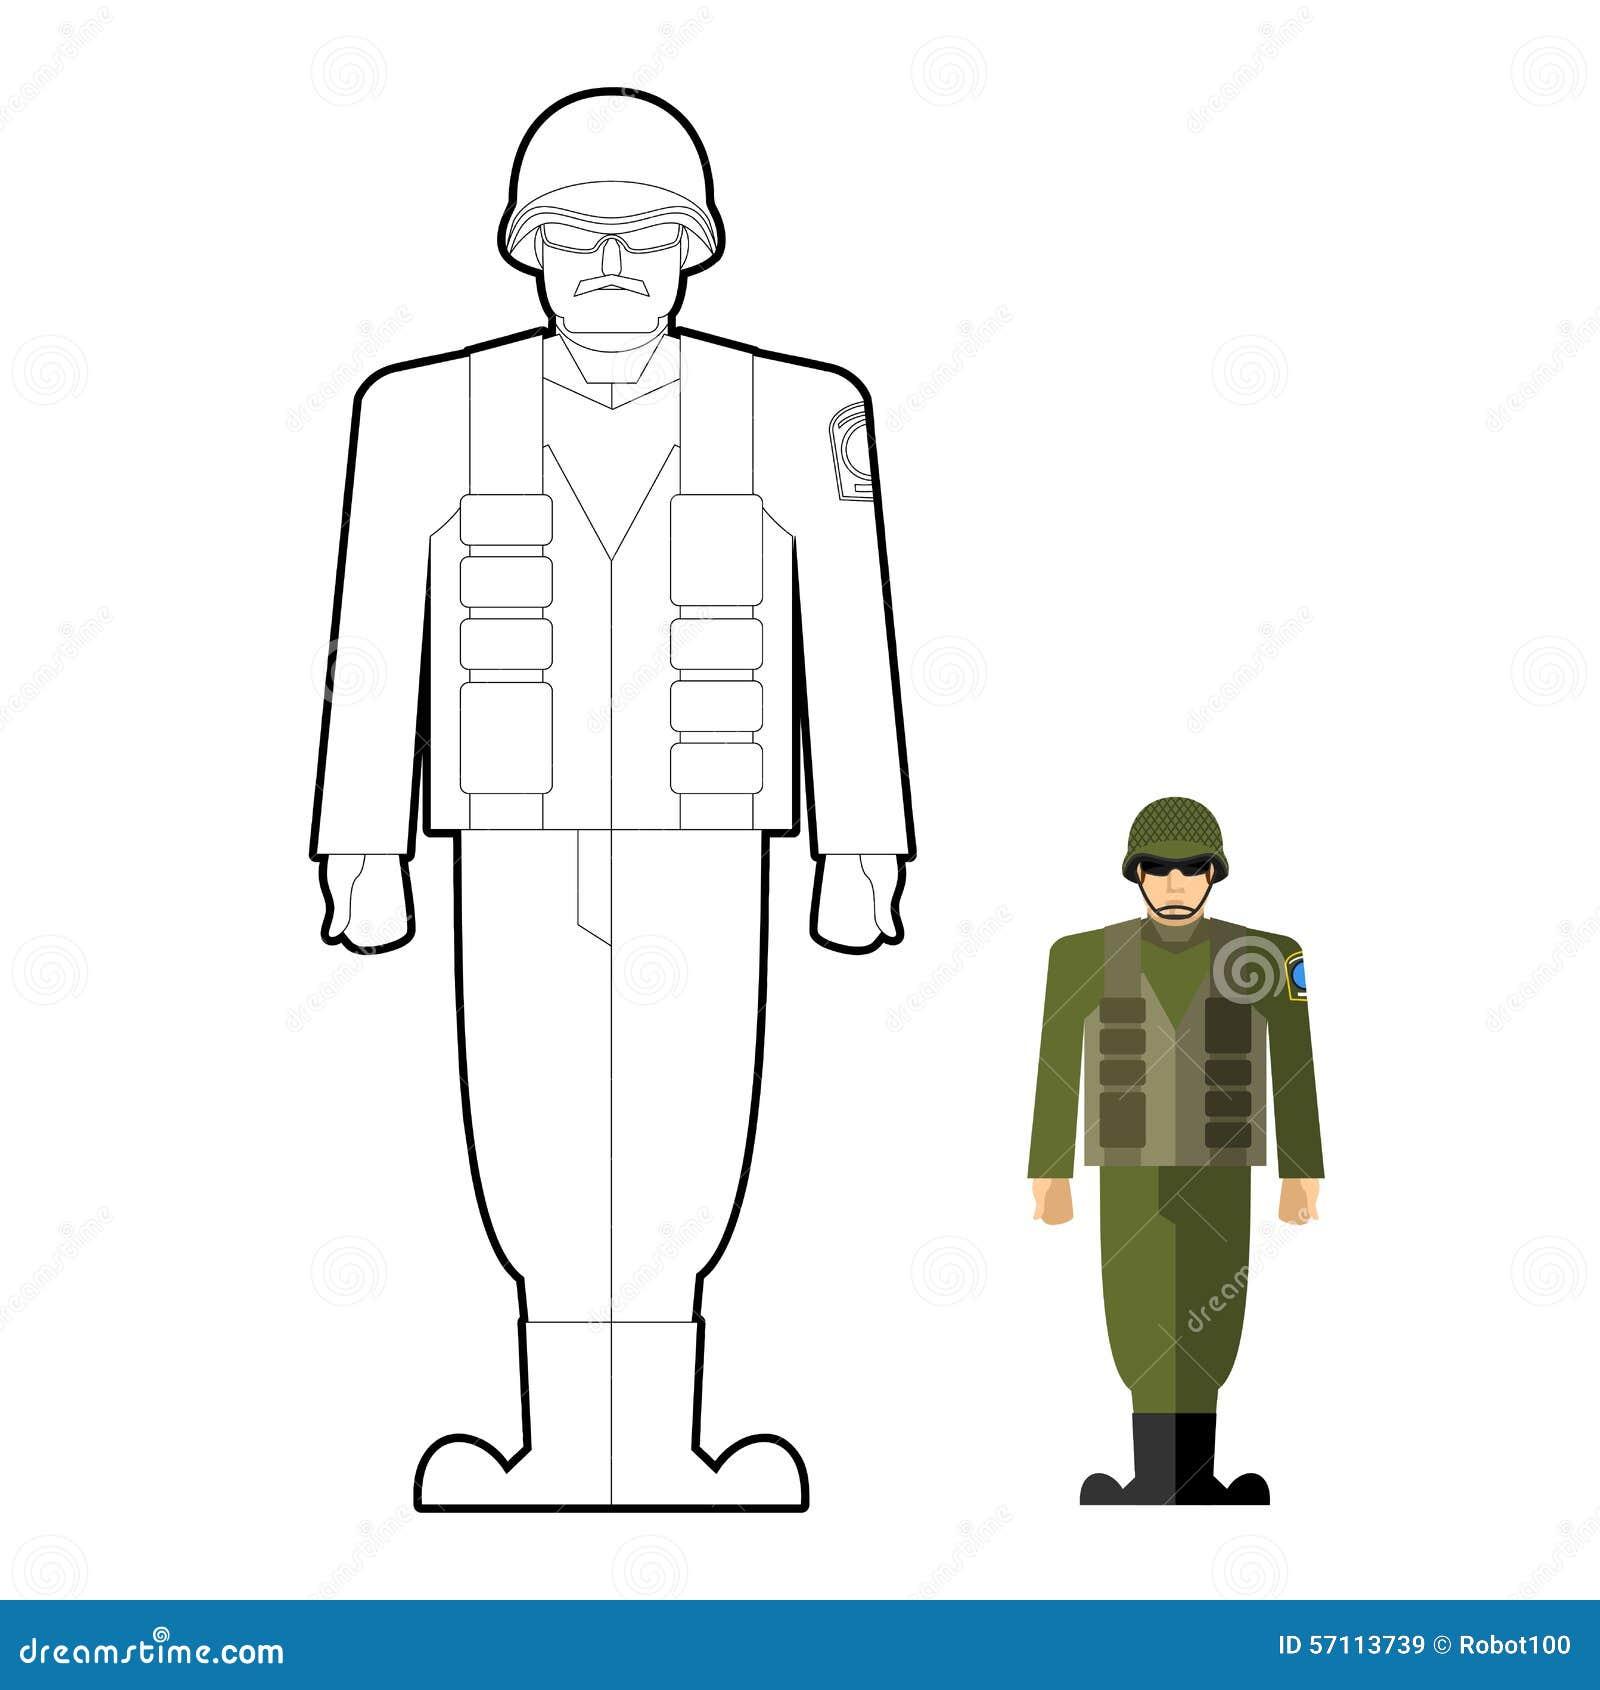 Coloriage Casque Chevalier.Livre De Coloriage De Soldats Habillement Militaire Casque Et